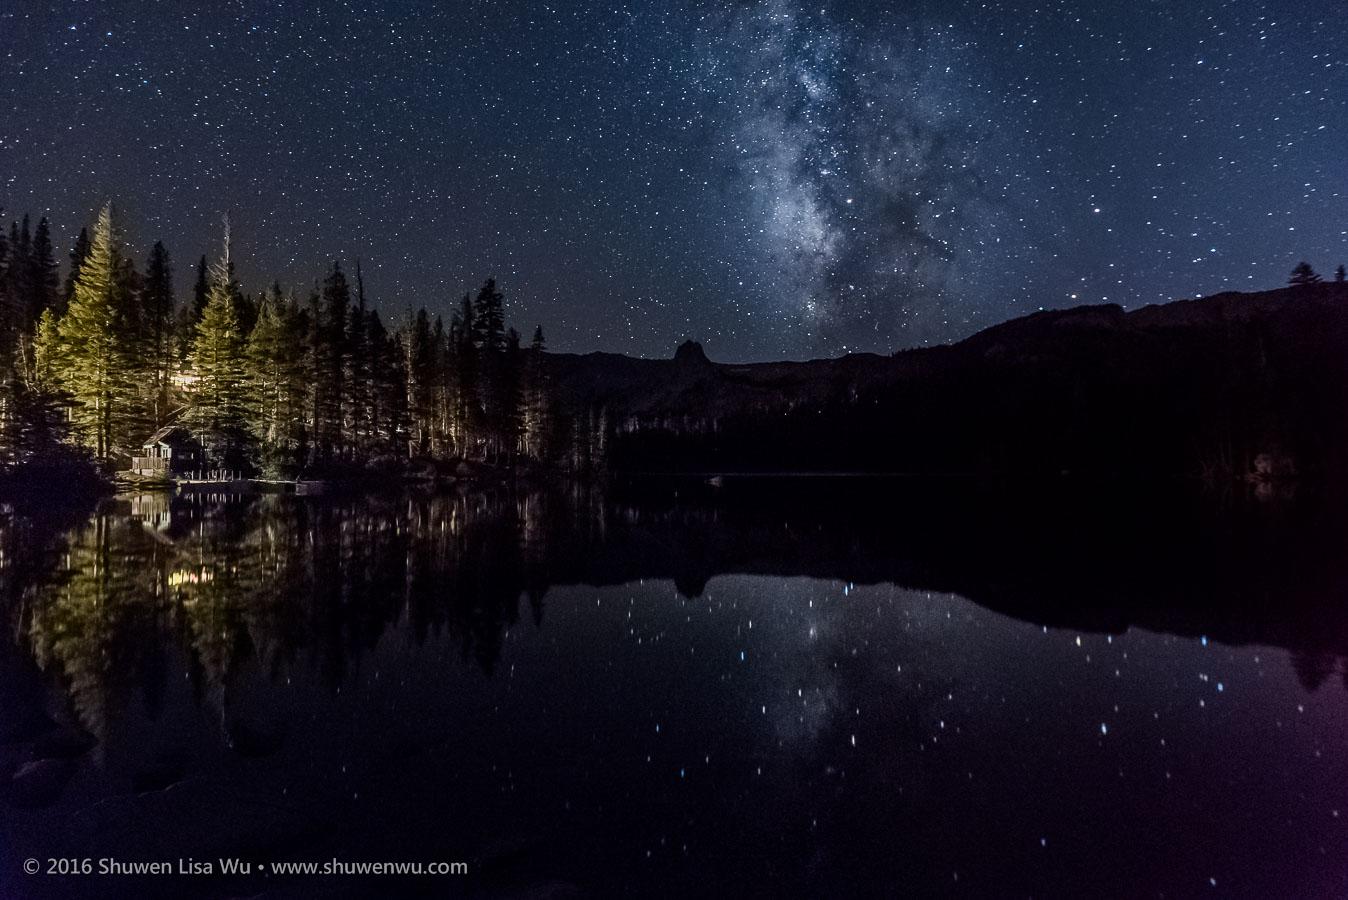 Stars and Milky Way reflect in Lake Mamie at night, Lake Mamie, Mammoth Lakes, California, September 2016.